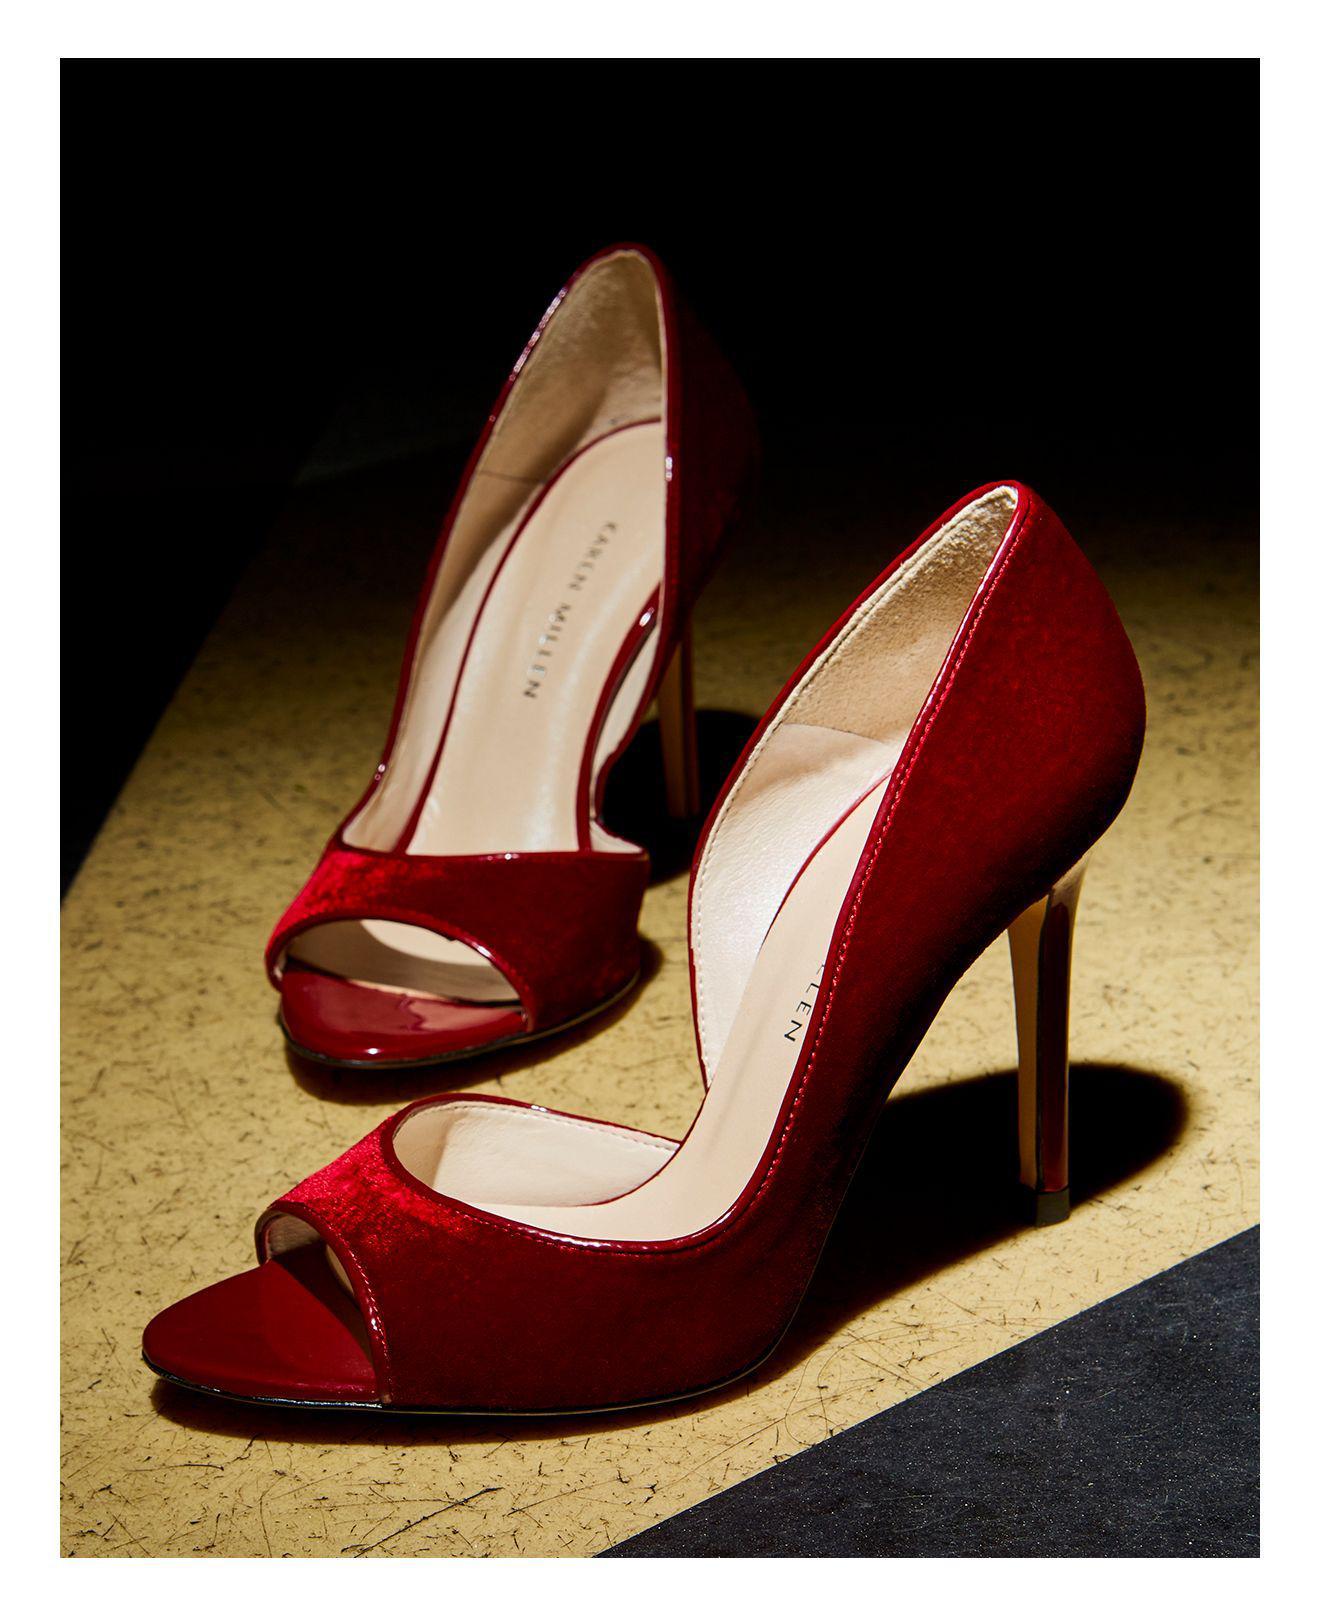 917fd60b008 Karen Millen Women's Velvet Court Peep Toe Pumps in Red - Lyst